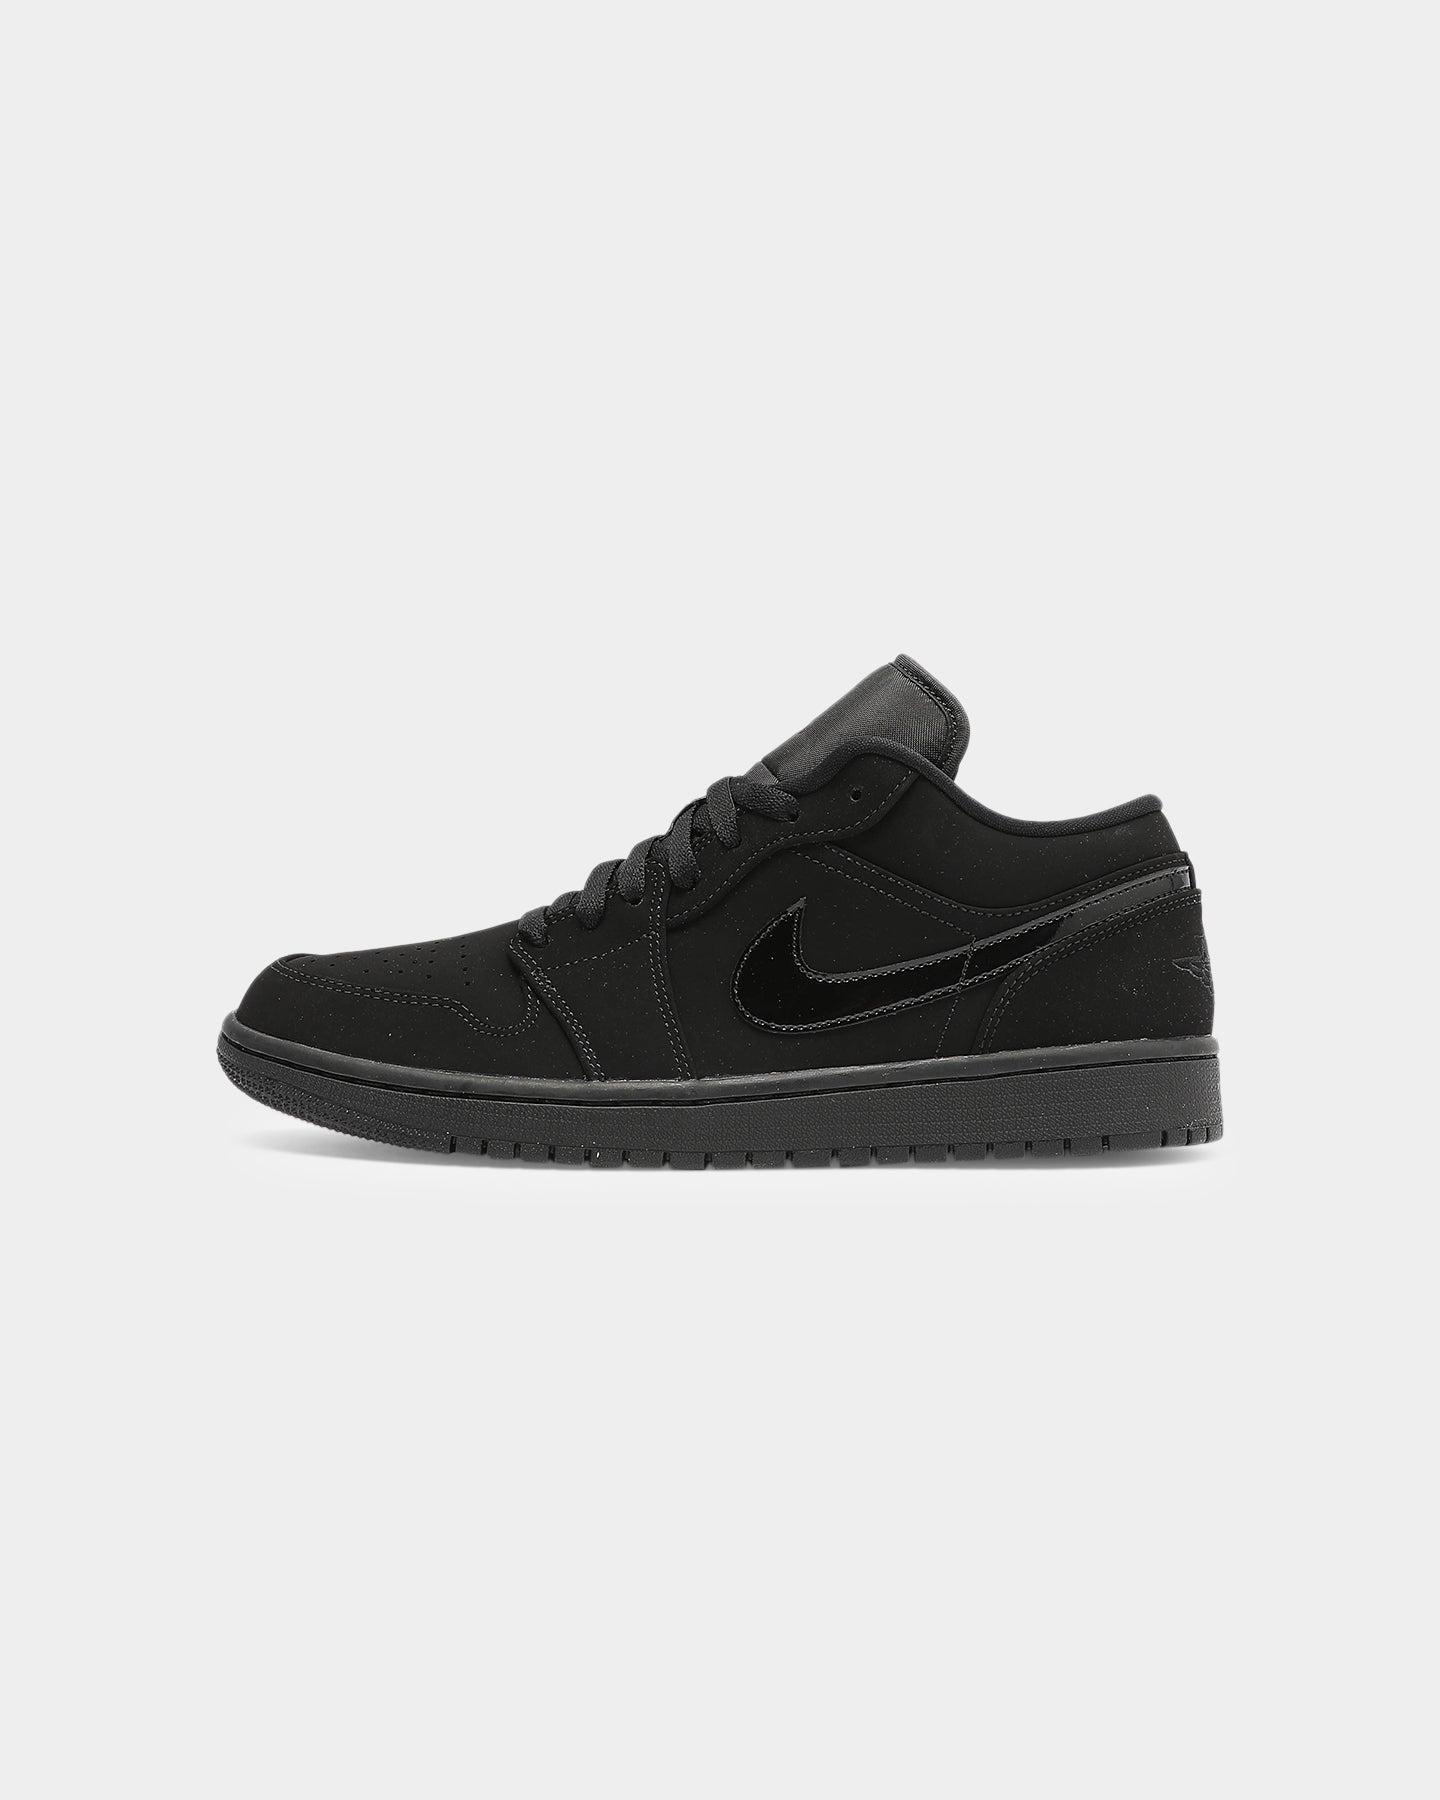 Jordan Air Jordan 1 Low Black/Black